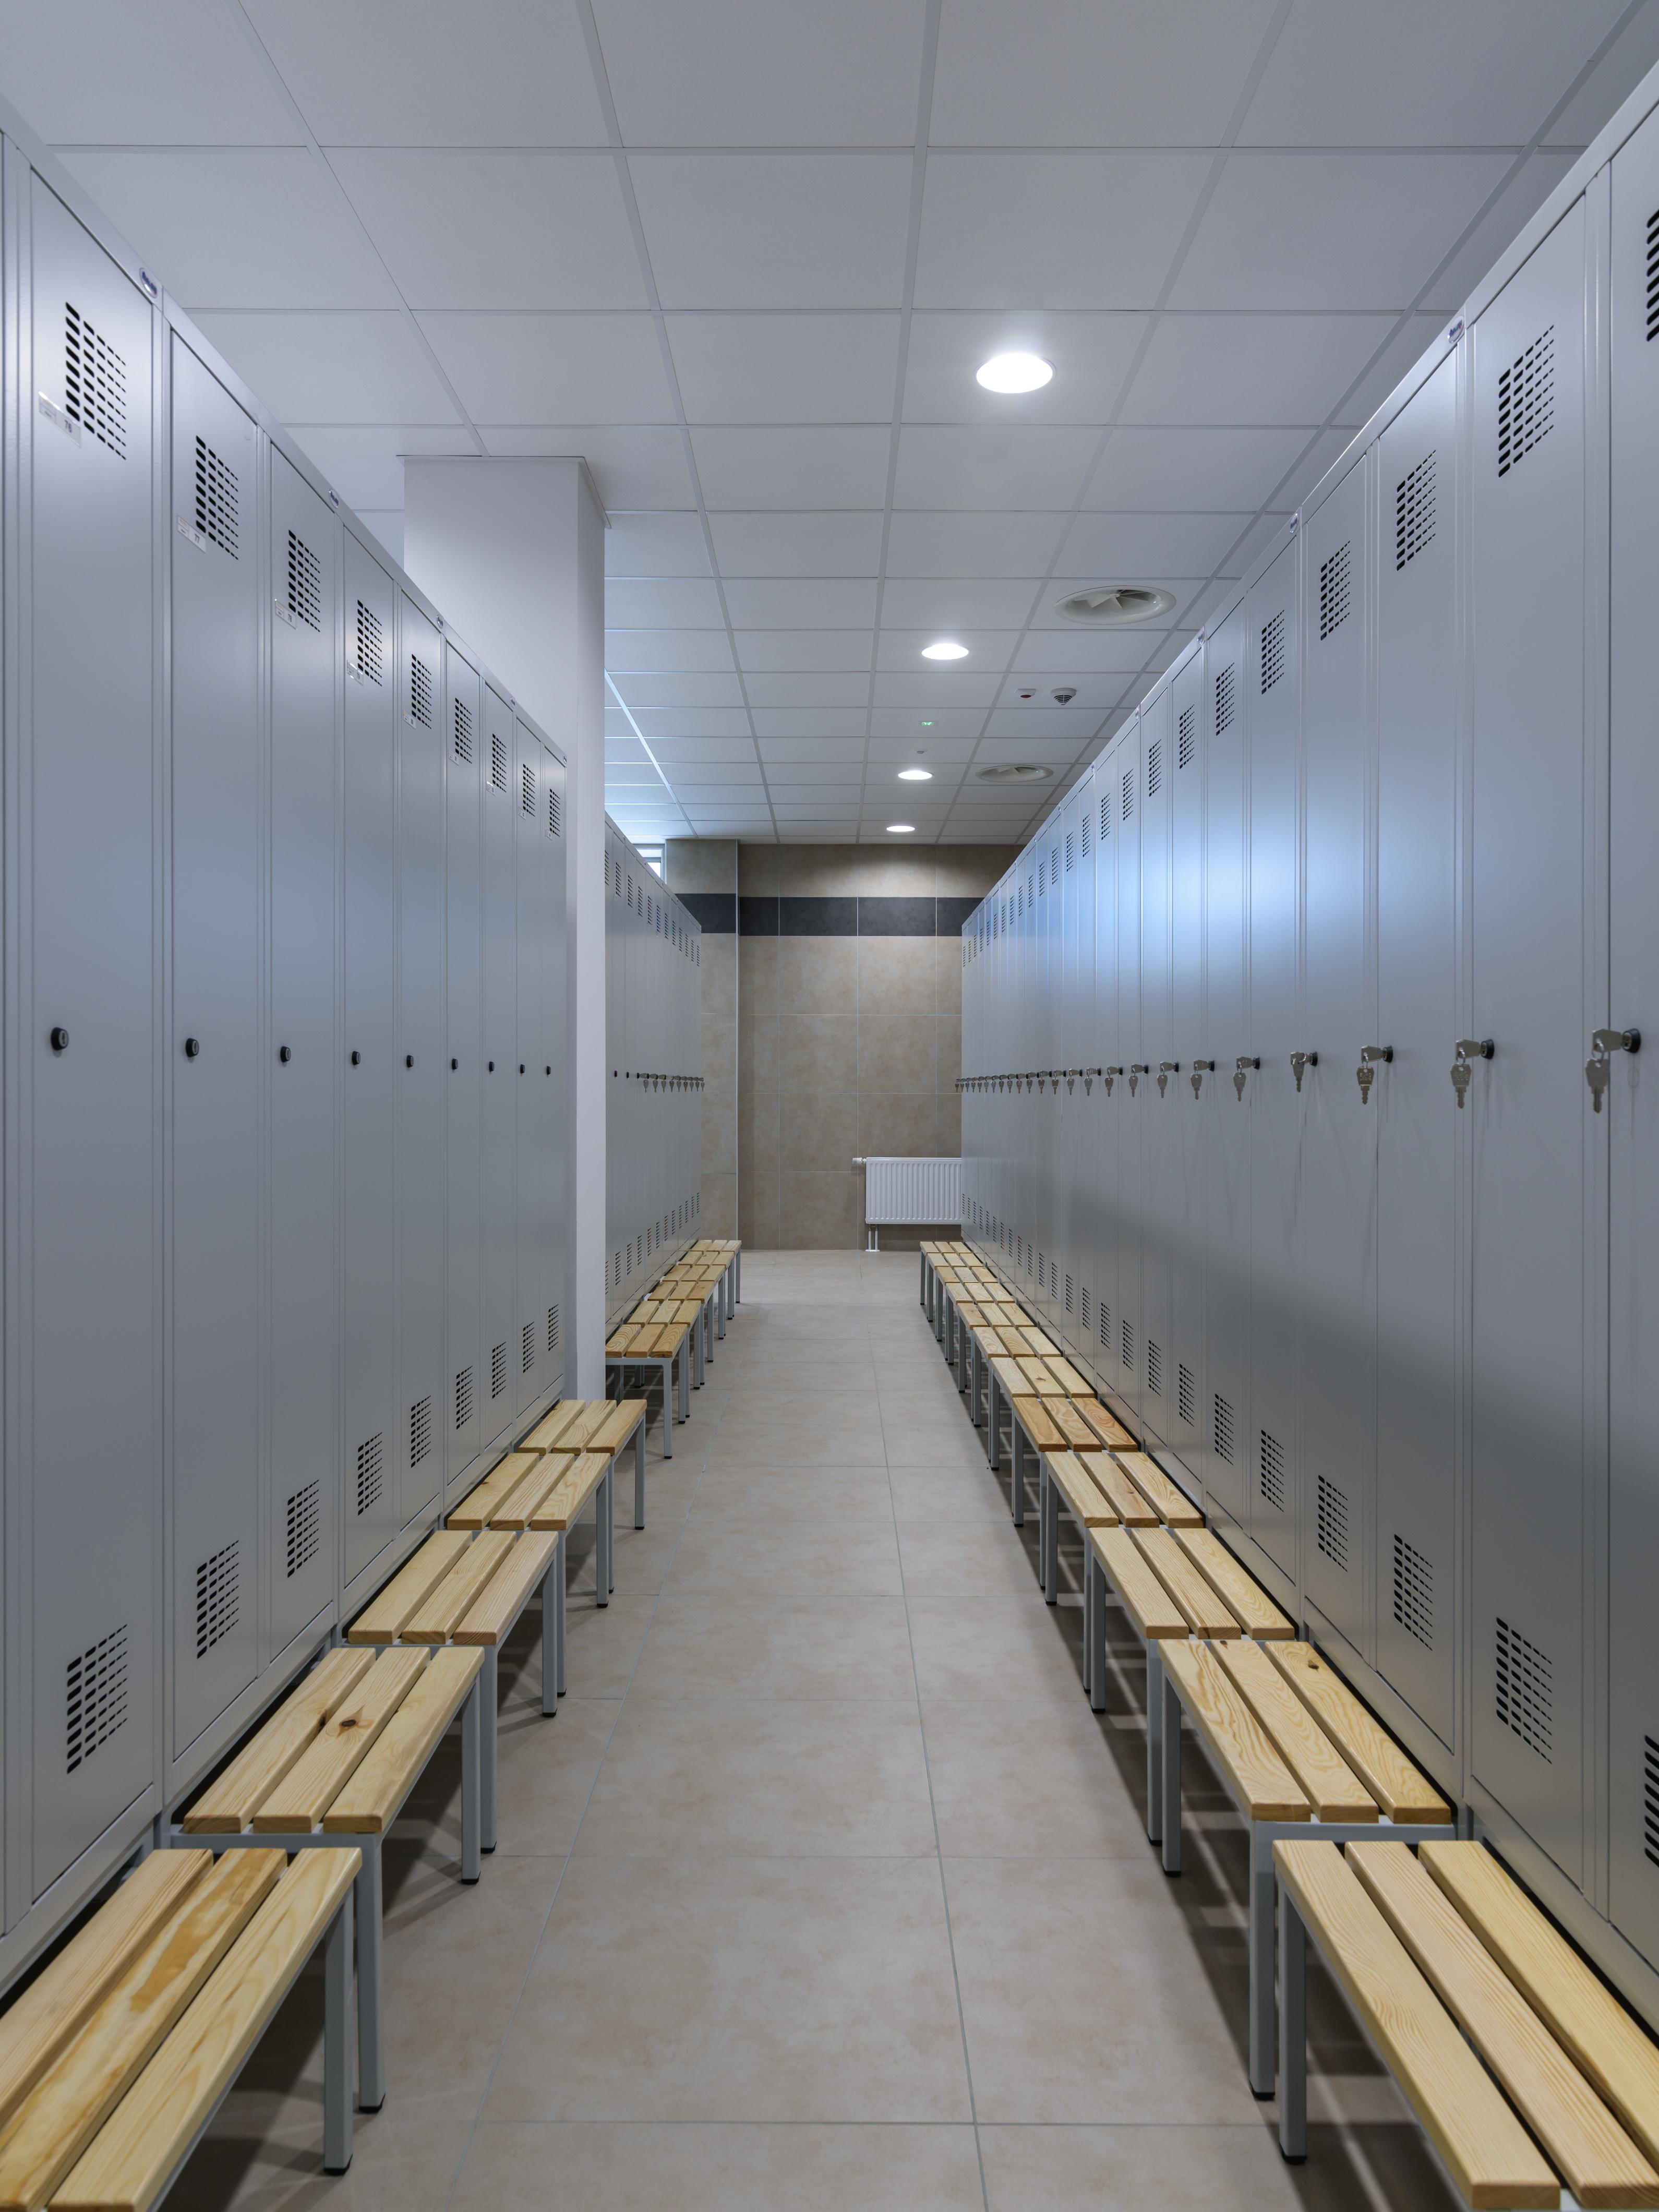 Budynek produkcyjny narzędzi elektrochirurgicznych dla branży medycznej oraz czujników elektronicznych dla przemysłu motoryzacyjnego wraz z częścią magazynową oraz administracyjną BOWA Szatnia